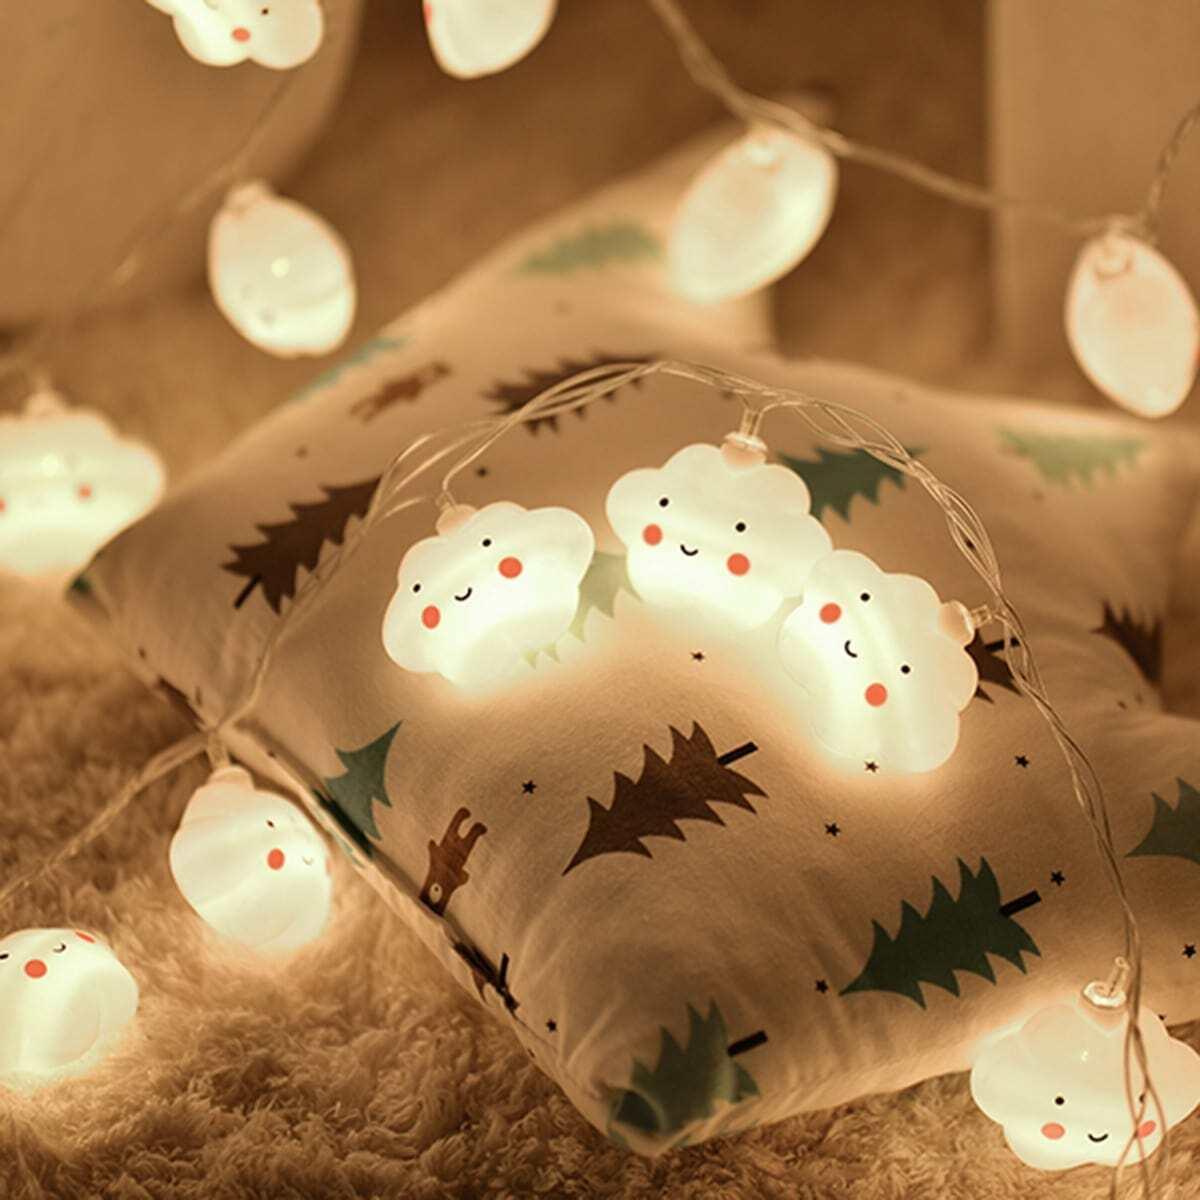 10st Cloud Bulb String Light 12v